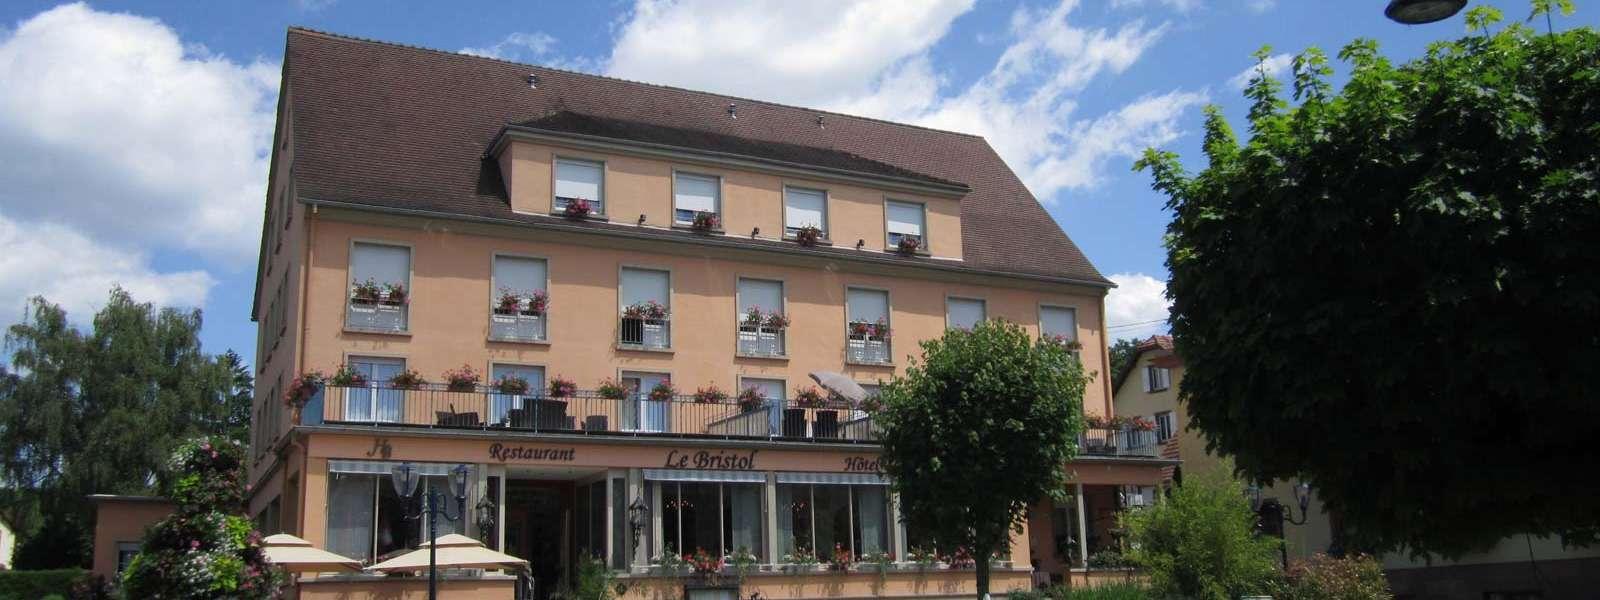 Hôtel Le Bristol, Alsace, vue extérieure